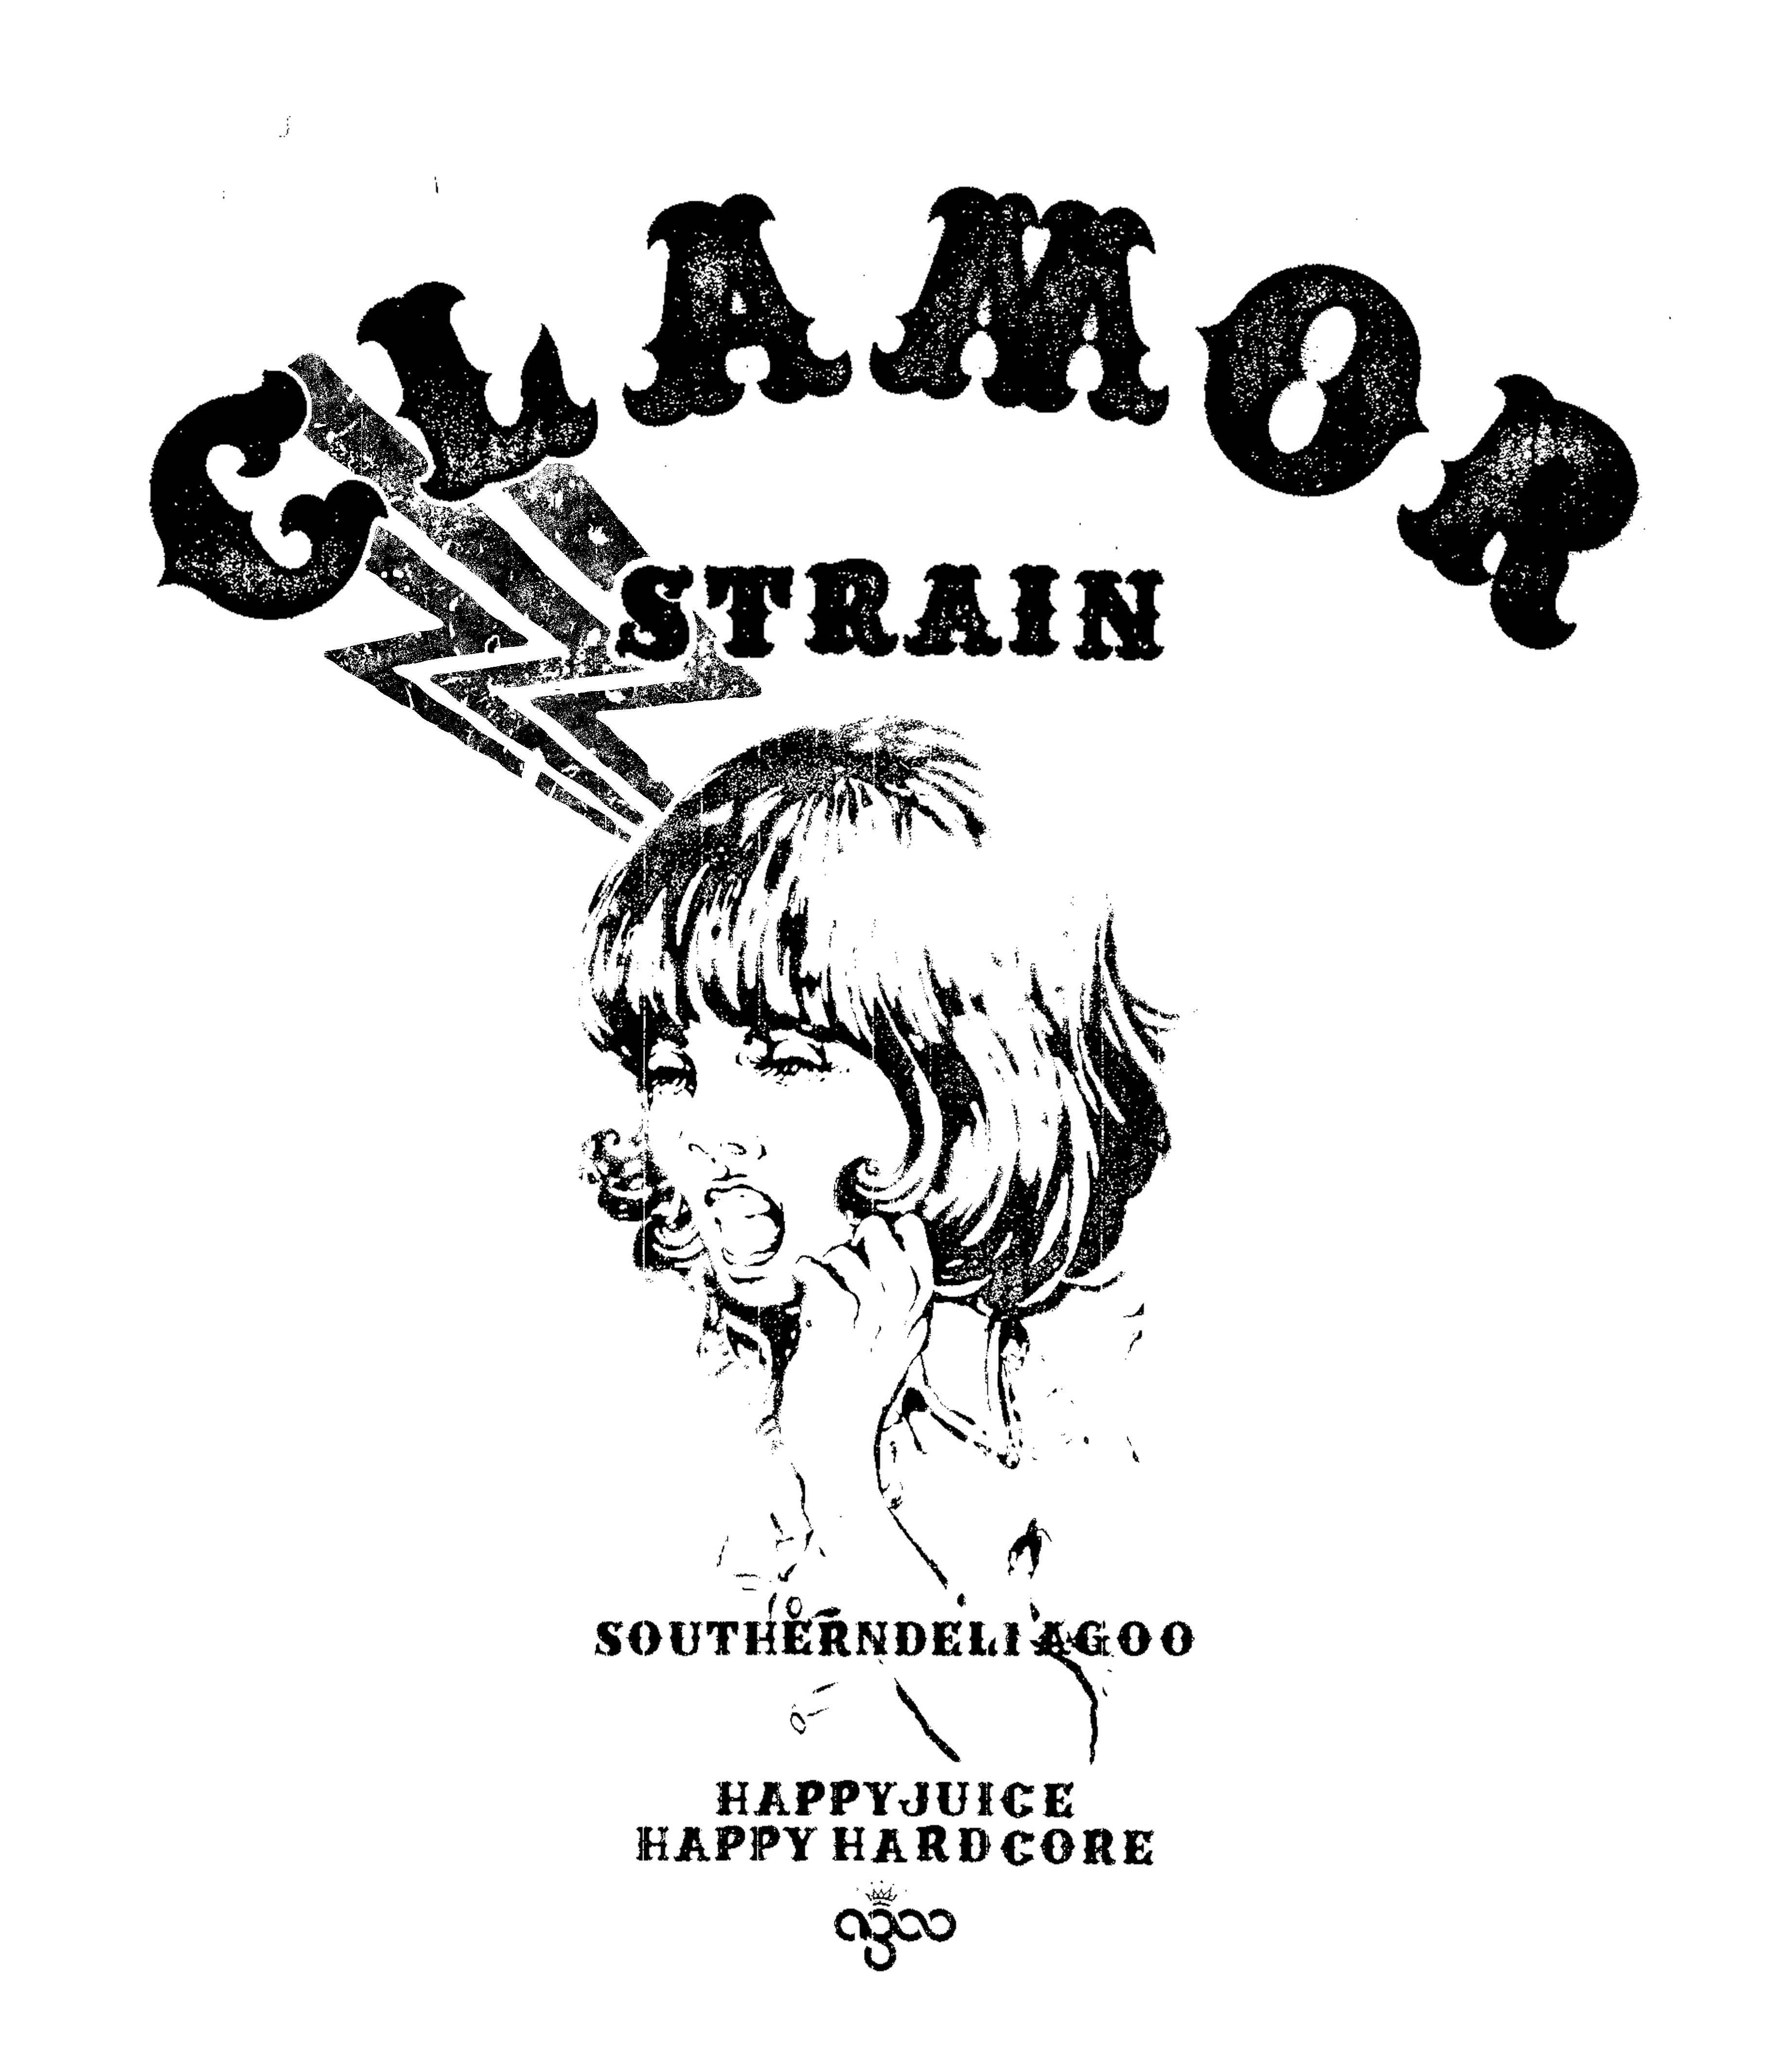 CLAMOR STEAIN